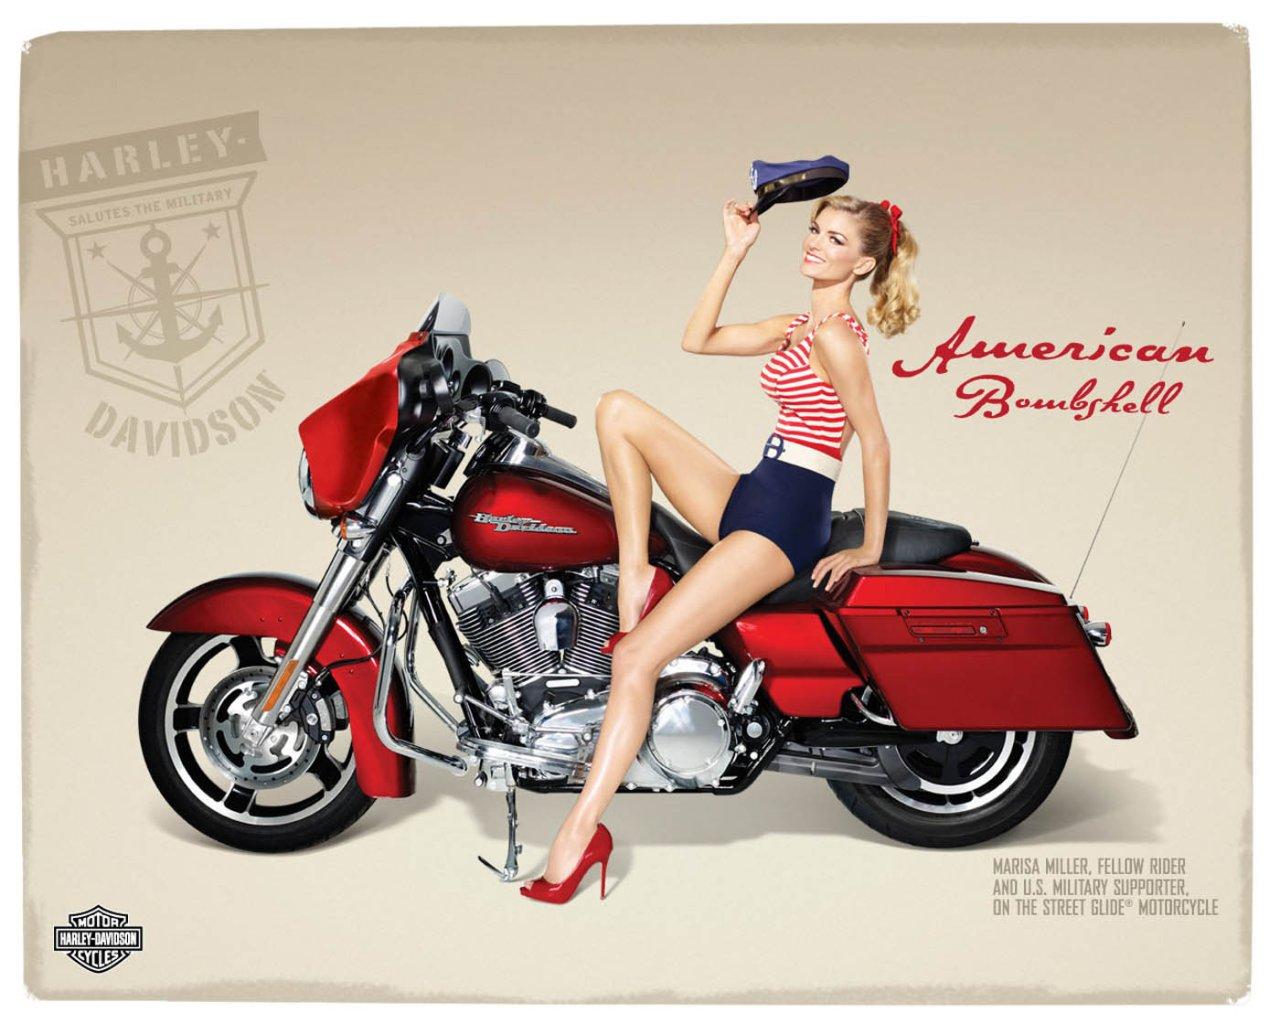 Harley Davidson: Marisa Miller